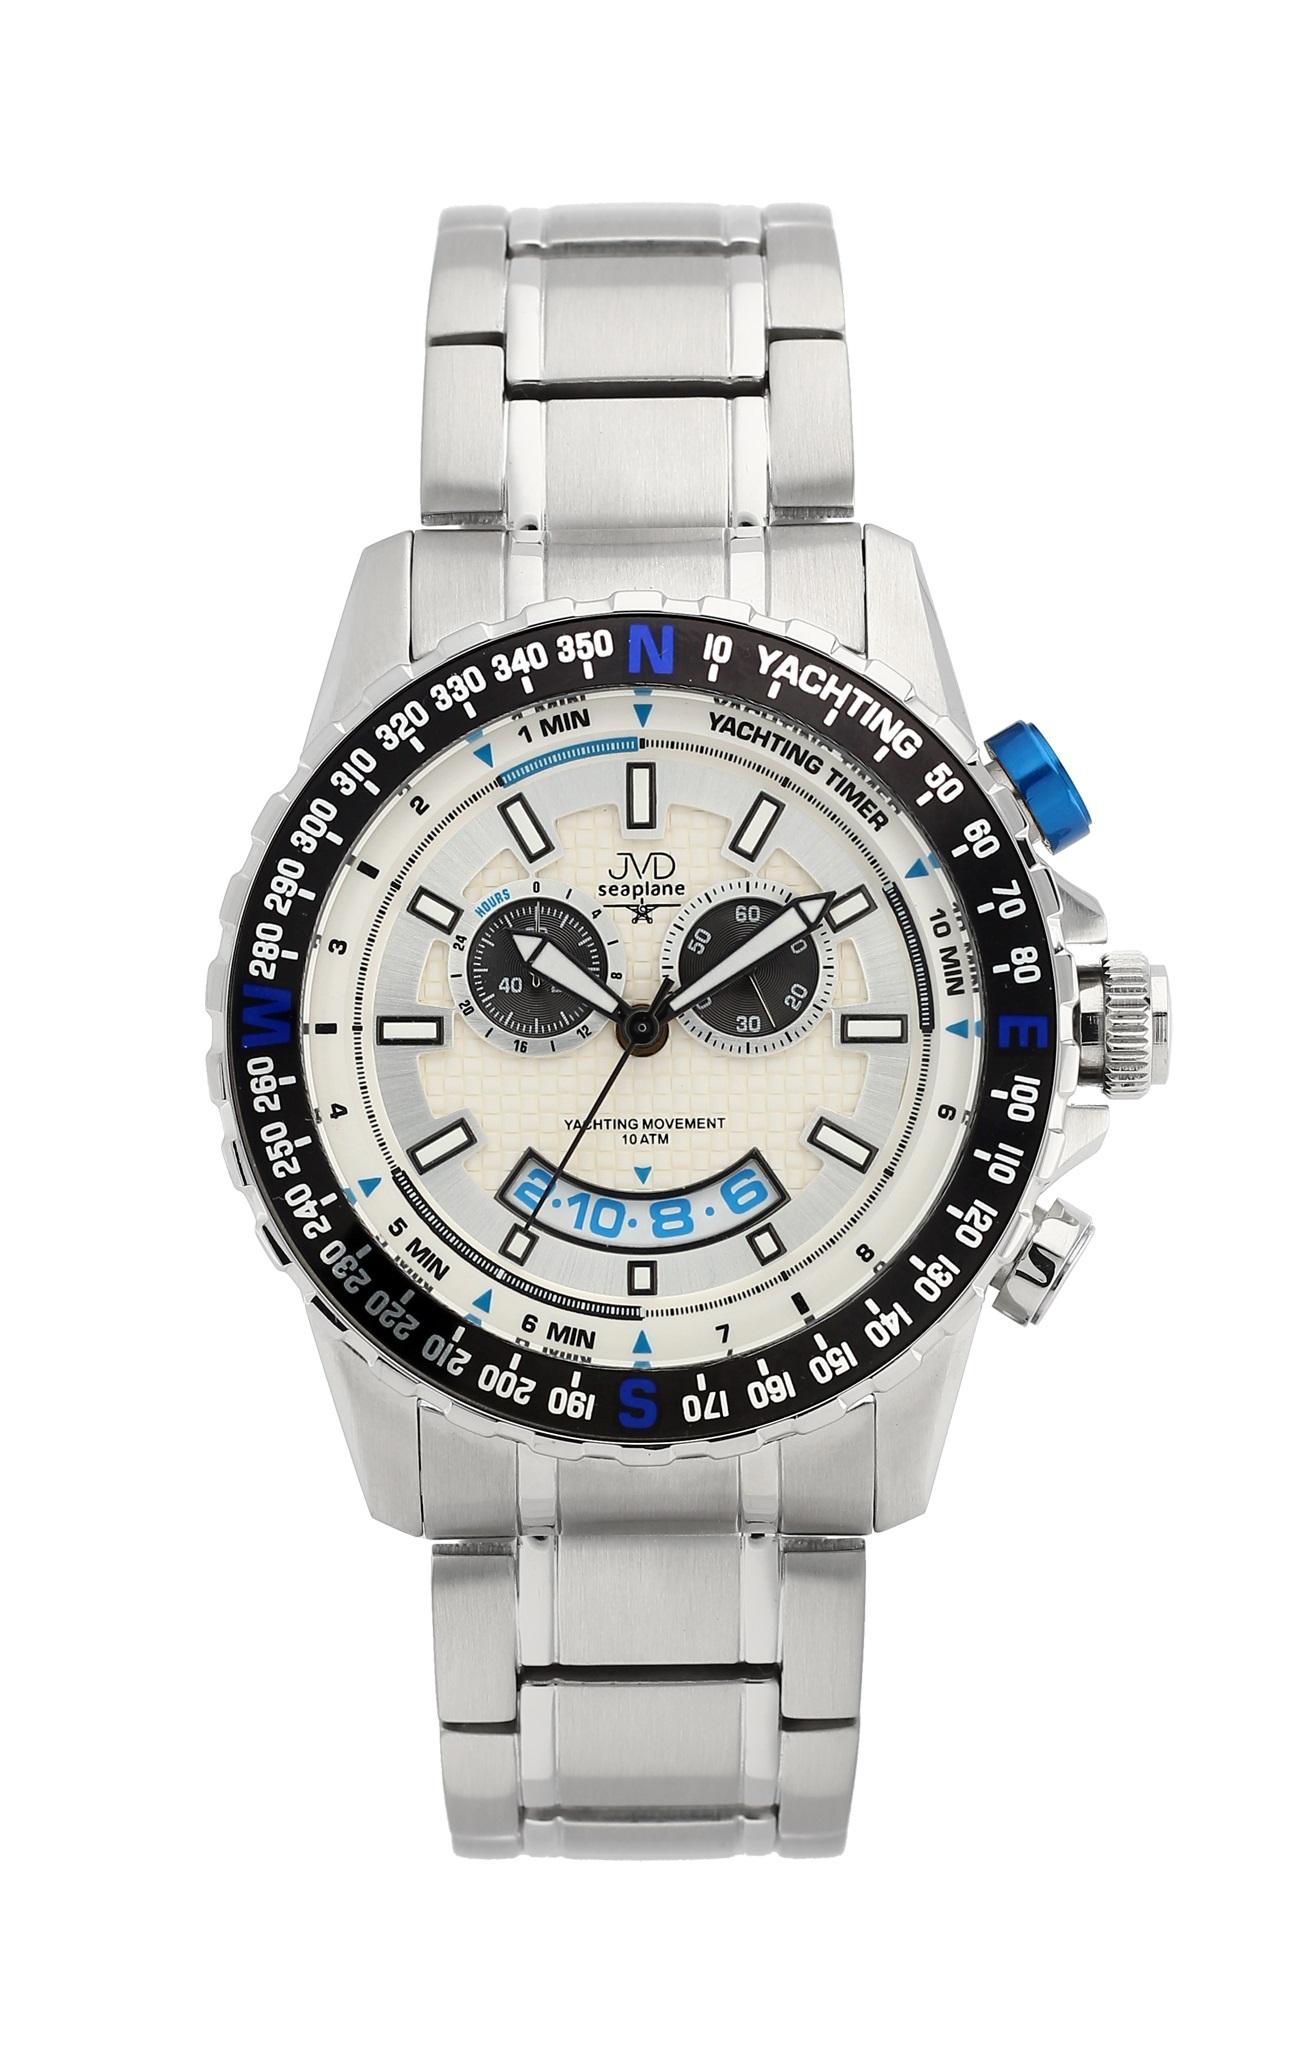 Vysoce odolené sportovní vodotěsné hodinky JVD seaplane J1096.1 - chronograf